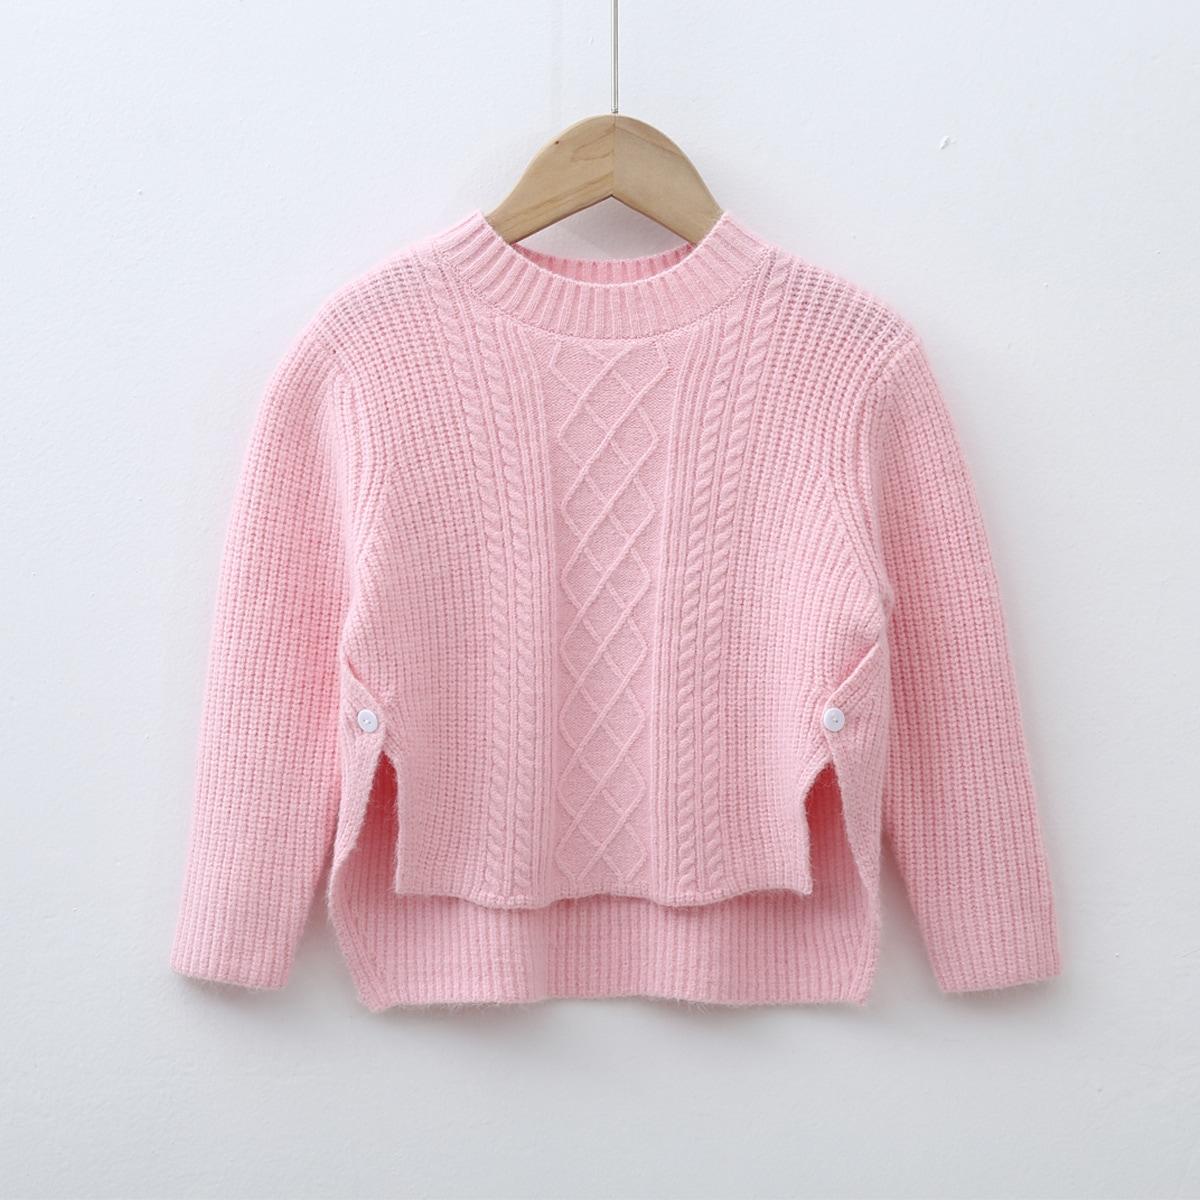 Асимметричный одноцветный повседневный свитеры для девочек